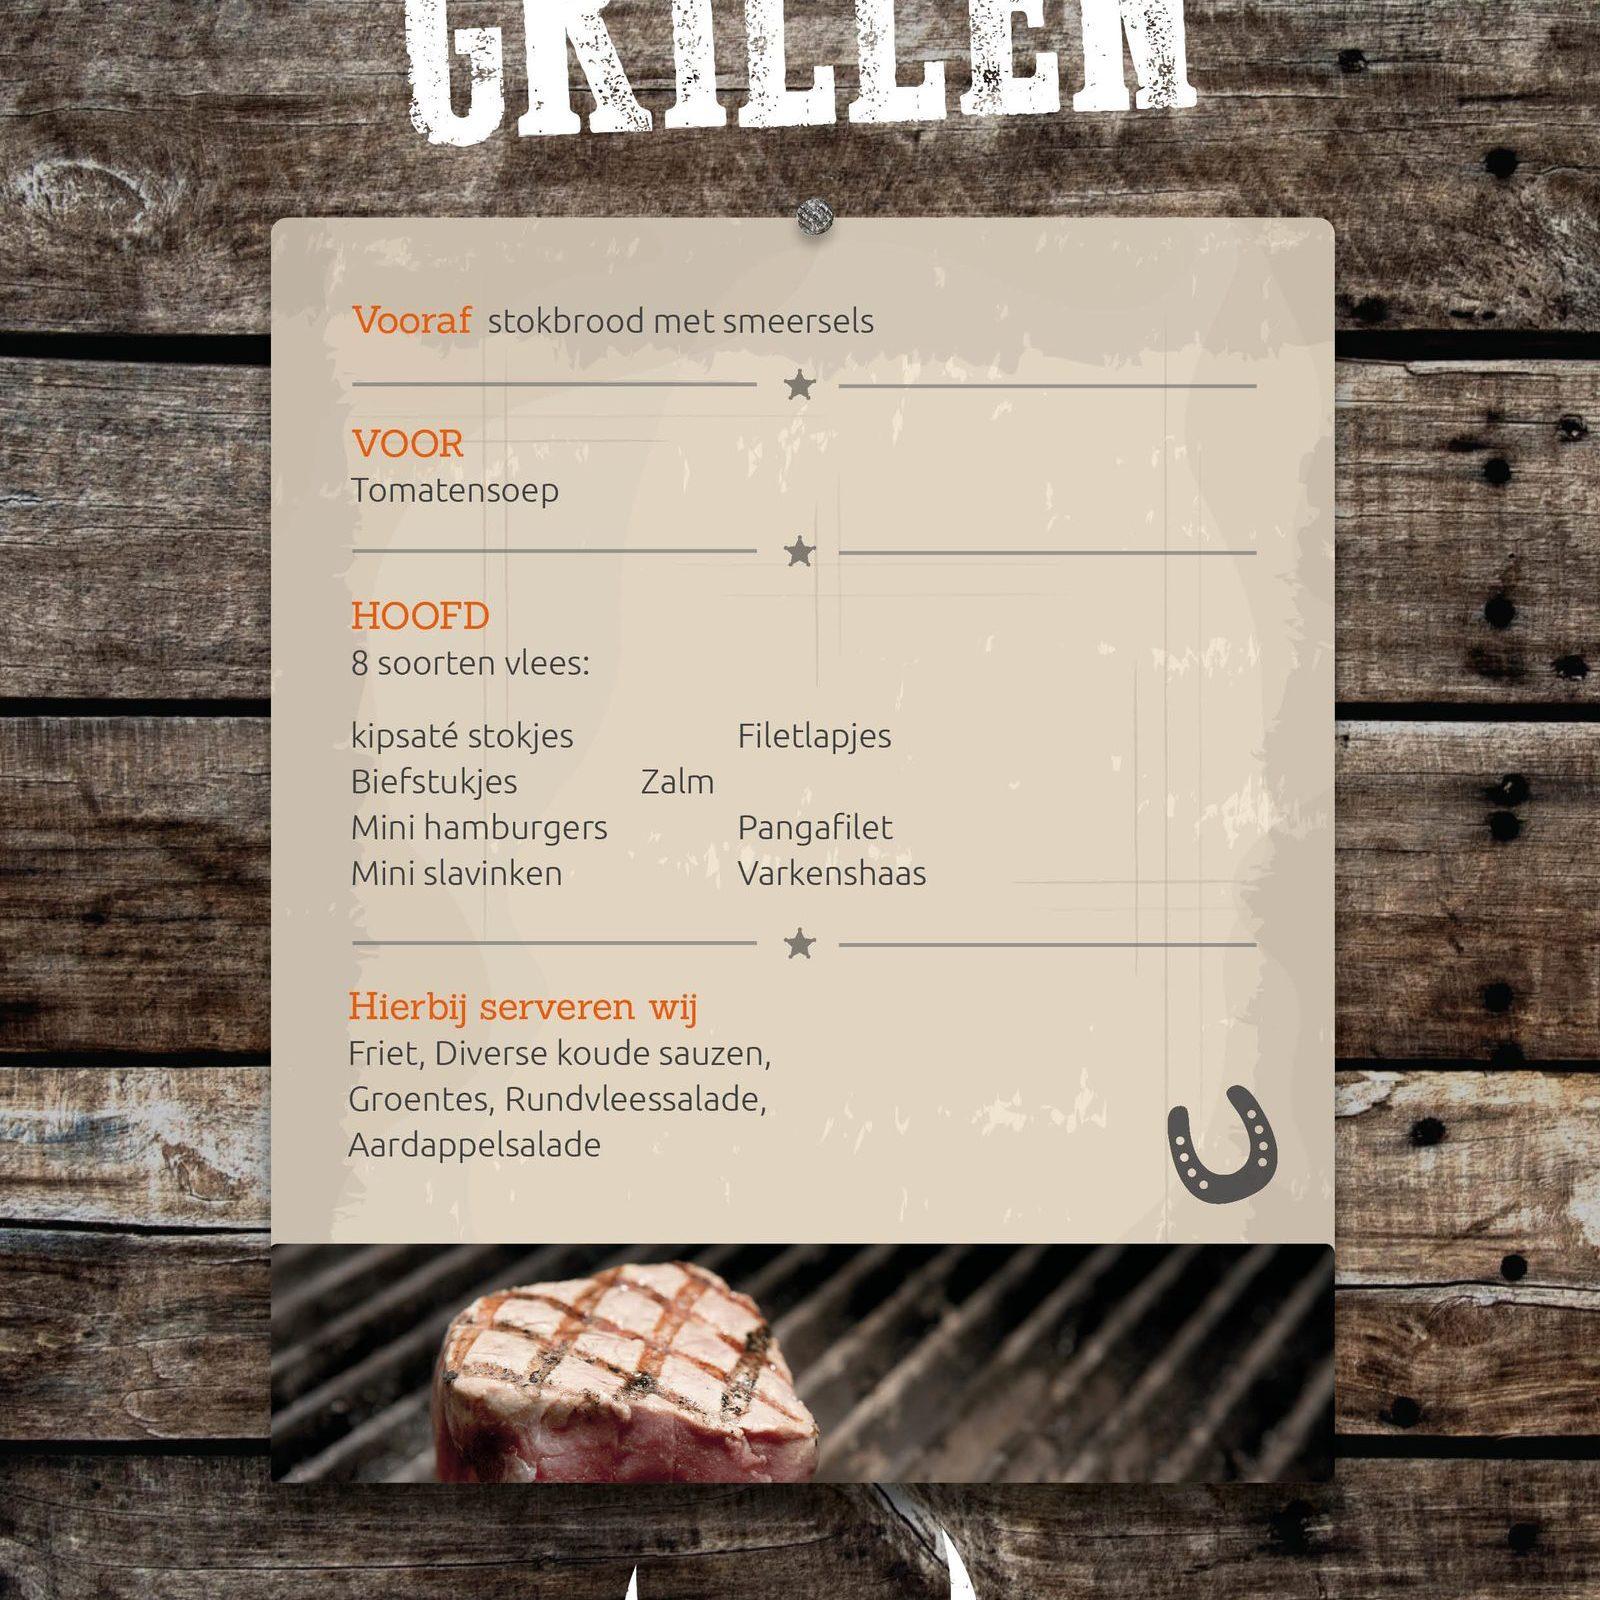 Grill bij Events op de Veluwe in Voorthuizen